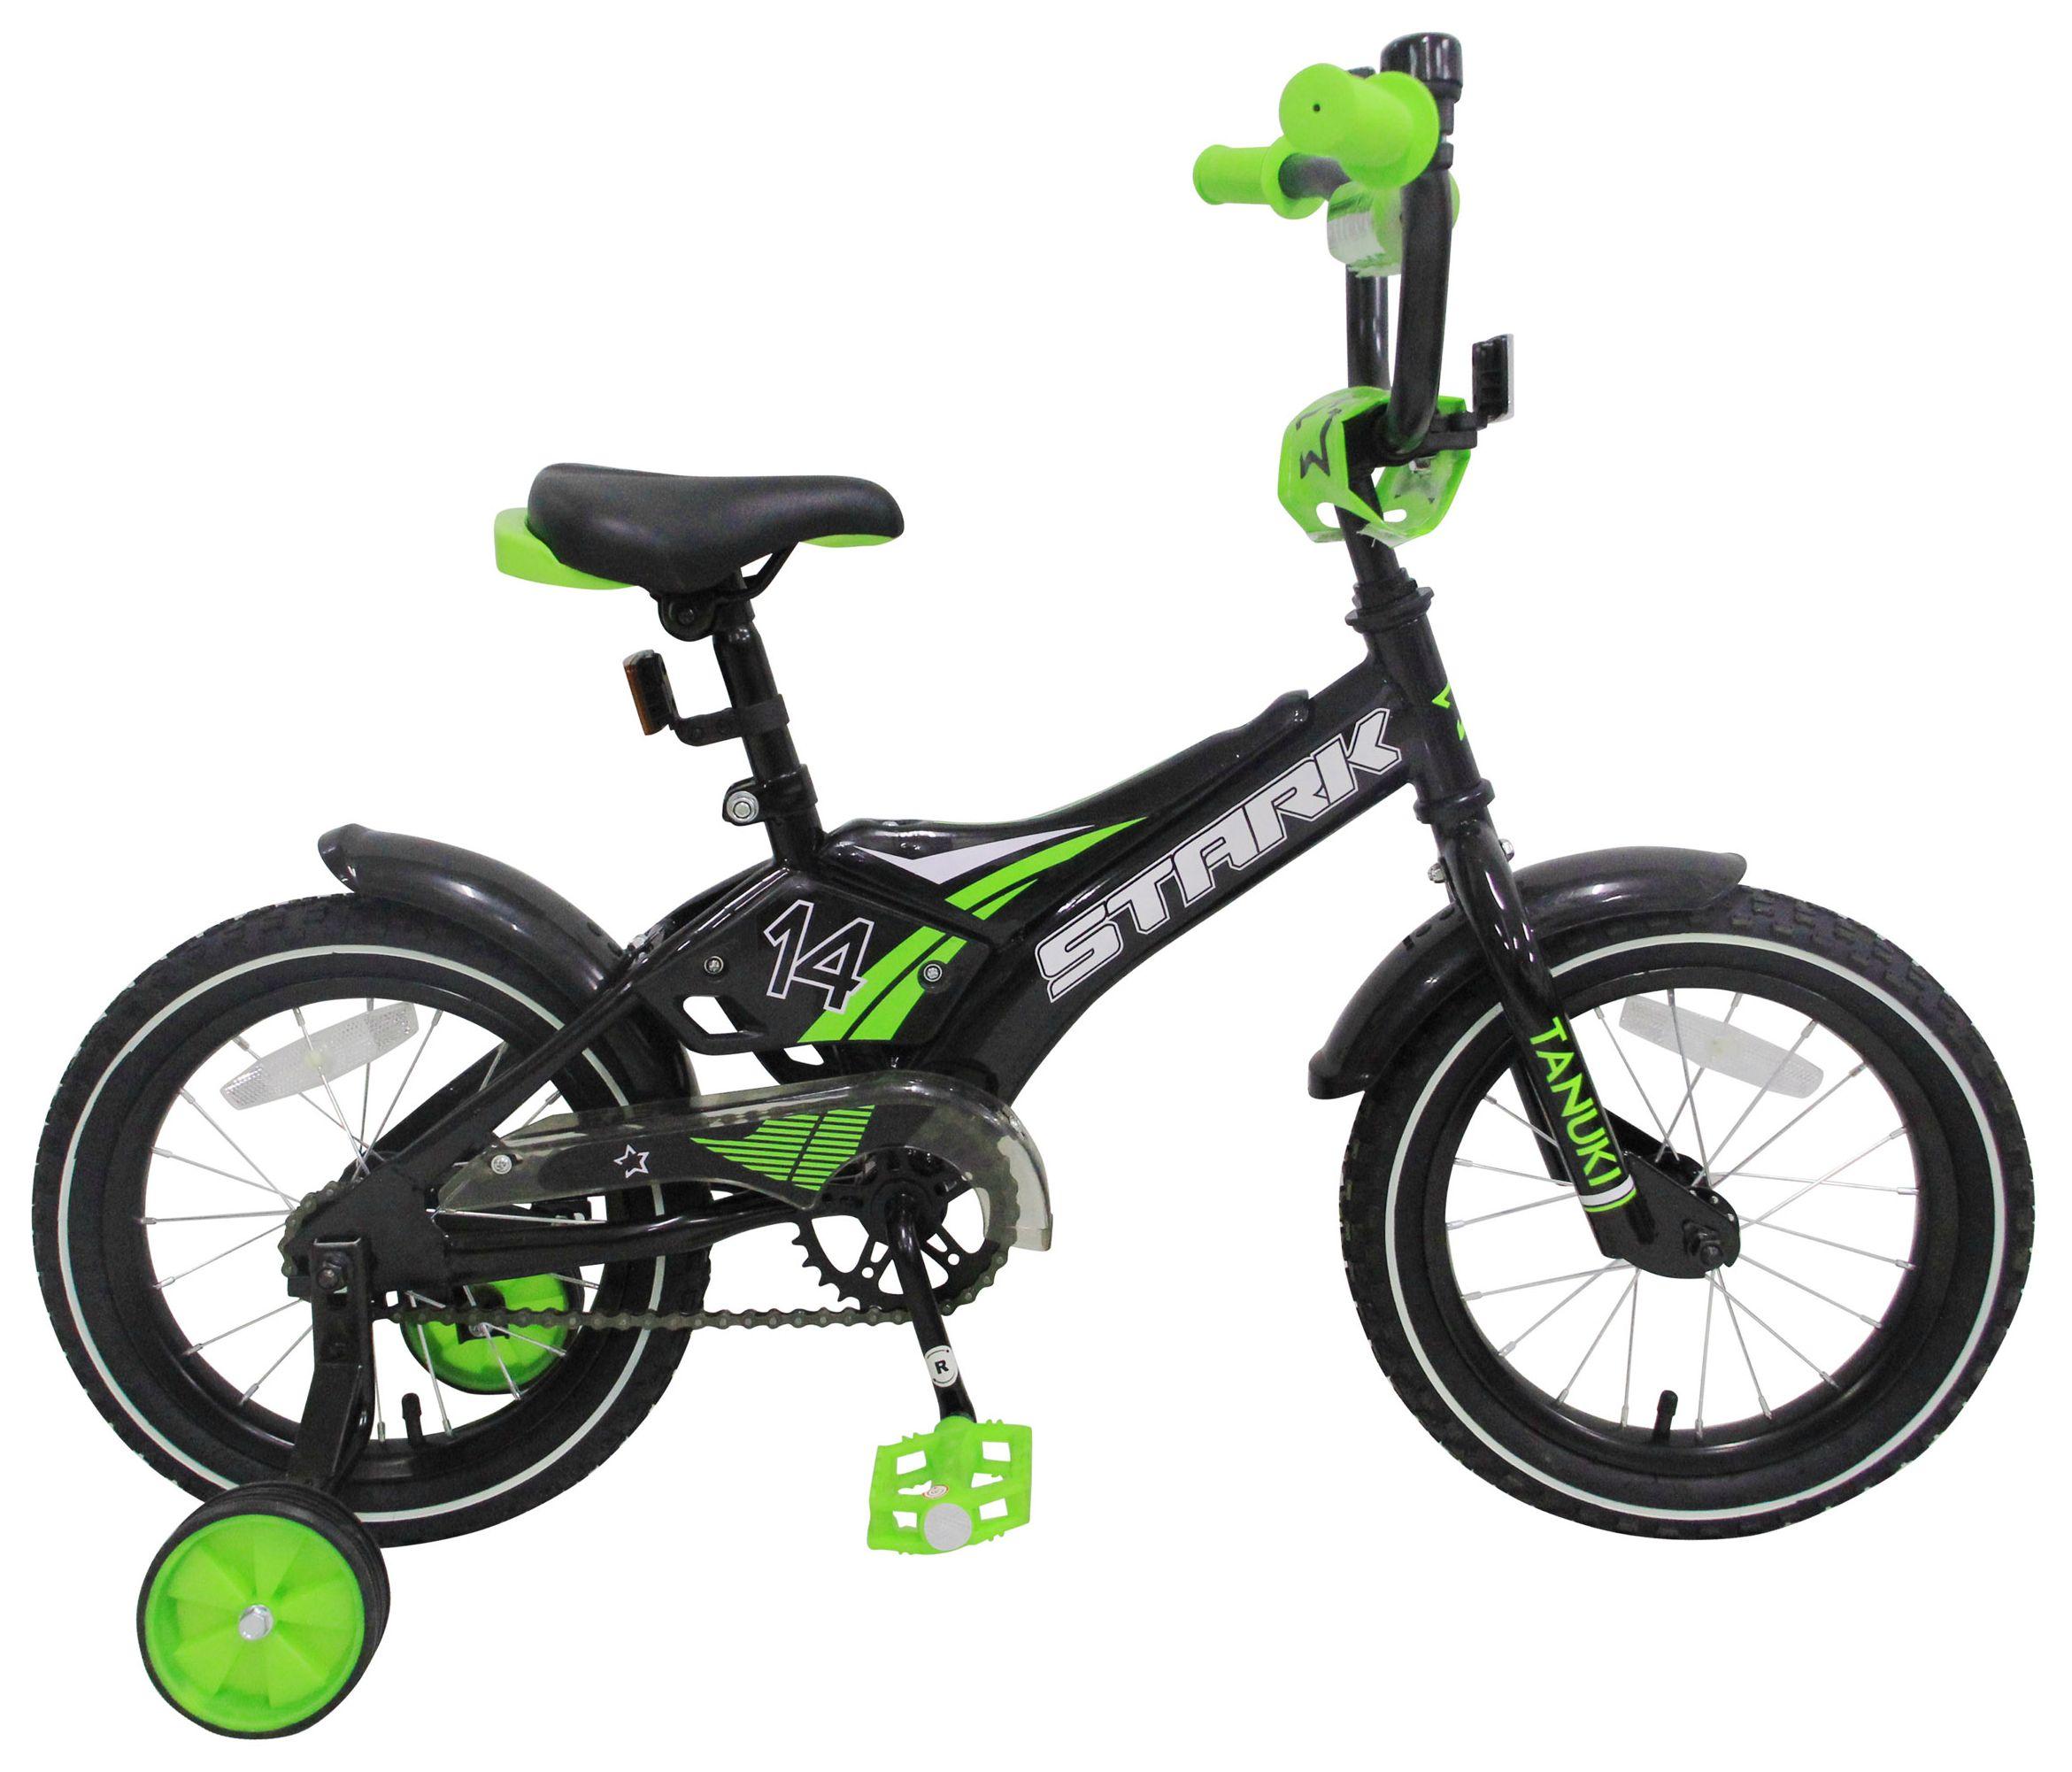 Велосипед Stark Tanuki 14 Boy ST 2017 велосипед stark tanuki 14 boy 2017